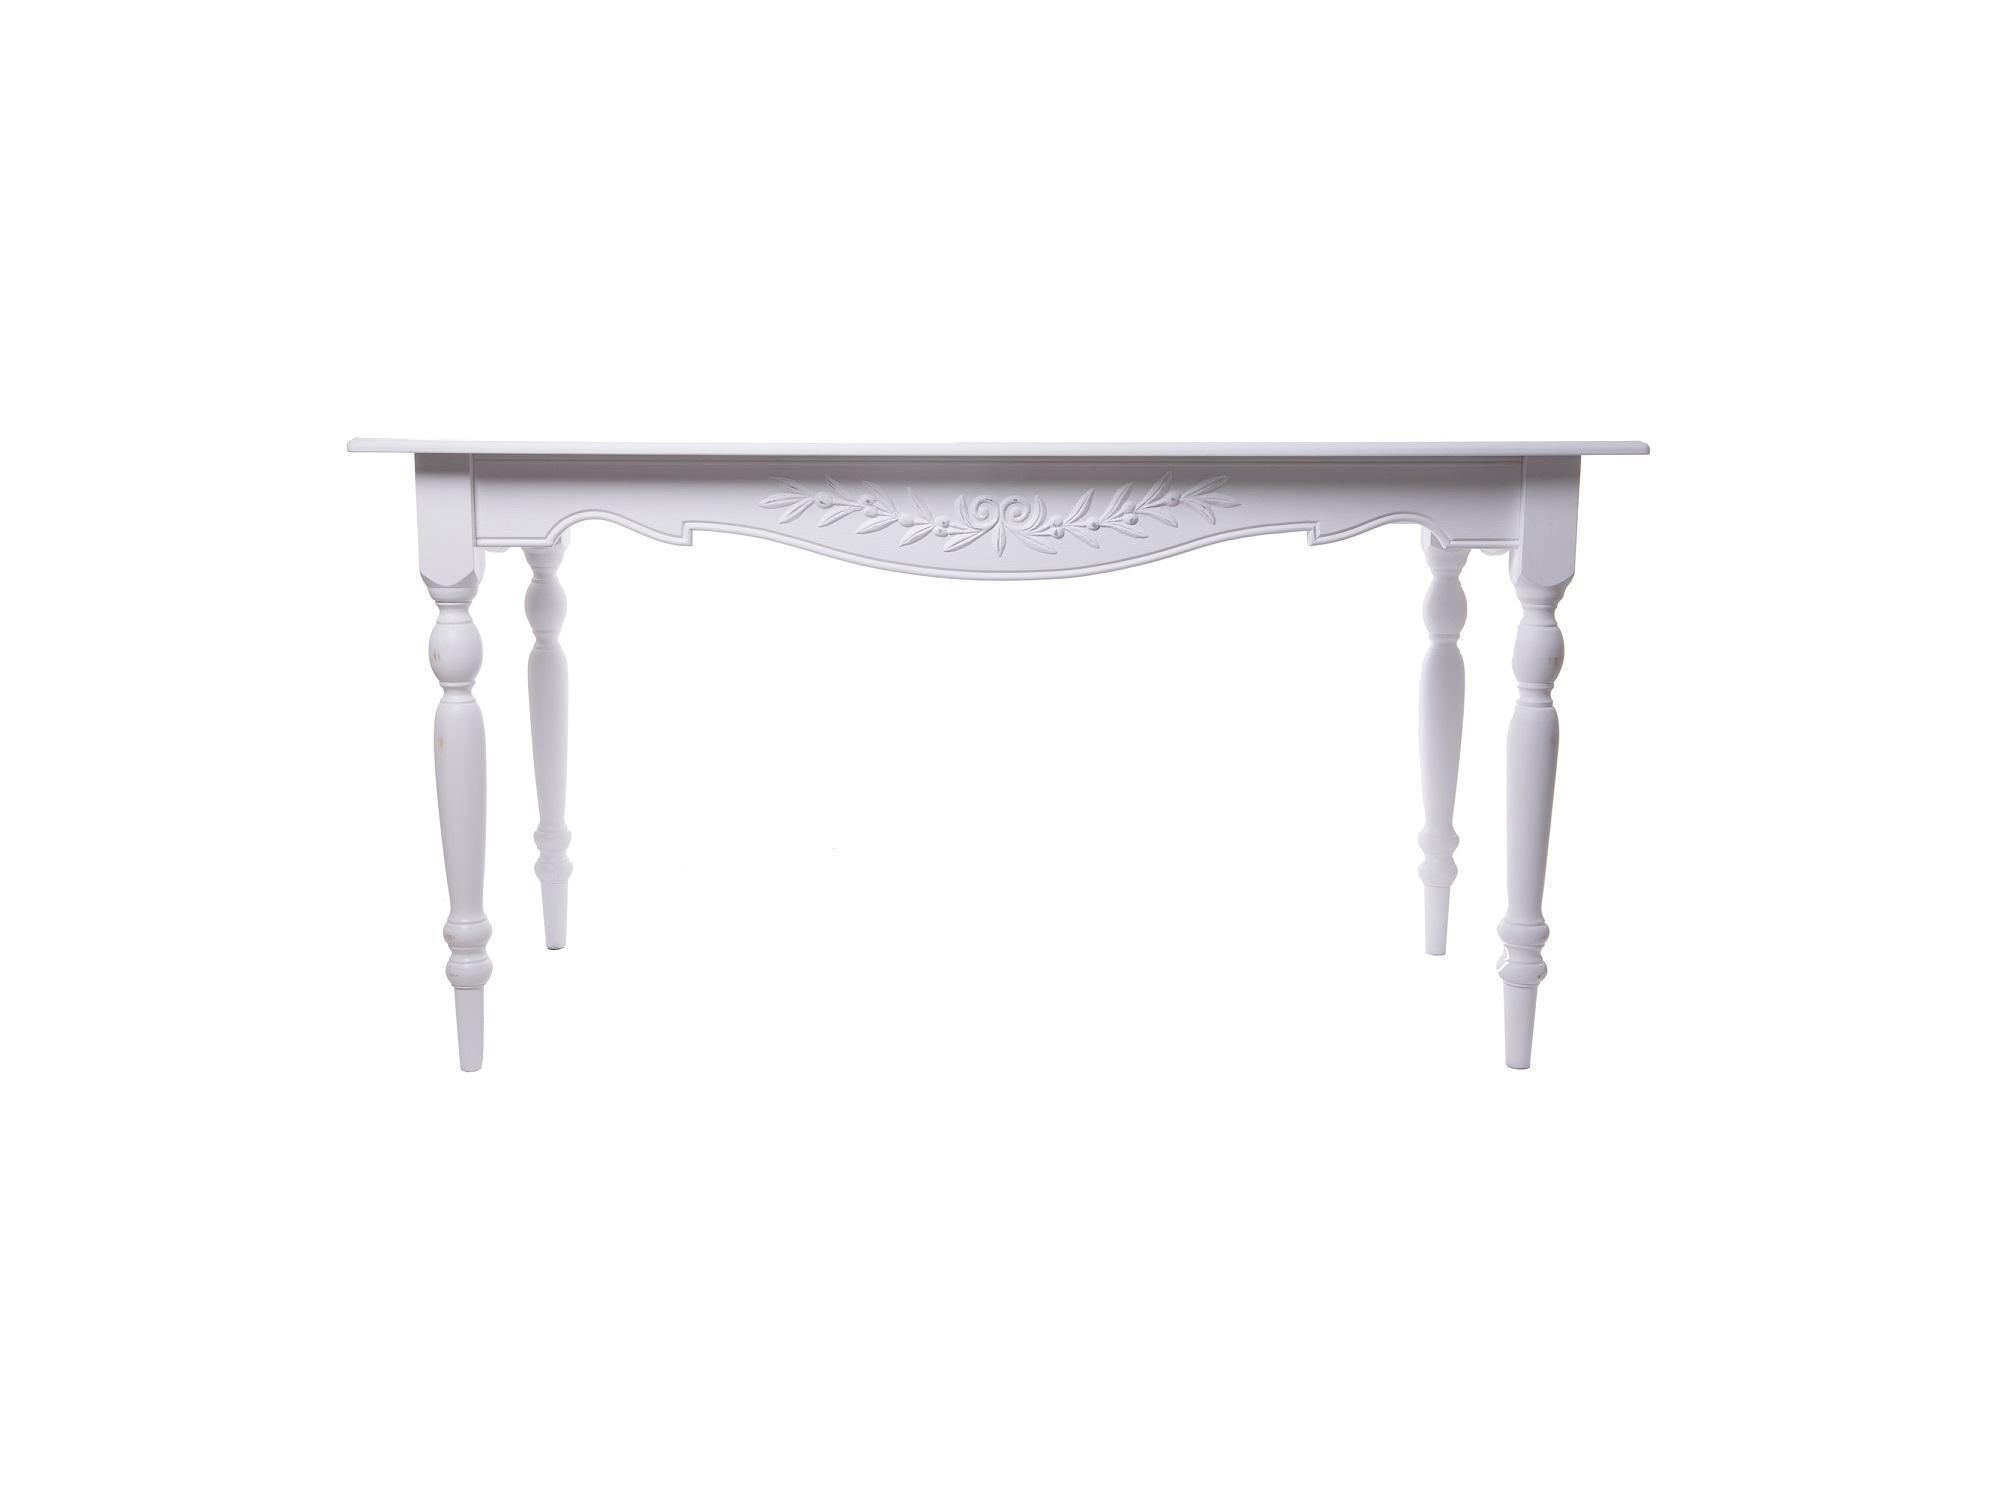 Стол Снежный ПровансОбеденные столы<br>Коллекция изготовлена из массива бука (каркасы и точеные элементы мебели) и из высококачественного МДФ (филенчатые части) и соответствует немецким стандартам для детской мебели.<br>Мебель &amp;quot;Снежный Прованс&amp;quot; имеет плавные изогнутые формы и украшена потертым вручную декором в виде оливковой ветви.&amp;amp;nbsp;<br><br>Material: Бук<br>Ширина см: 150<br>Высота см: 78<br>Глубина см: 70